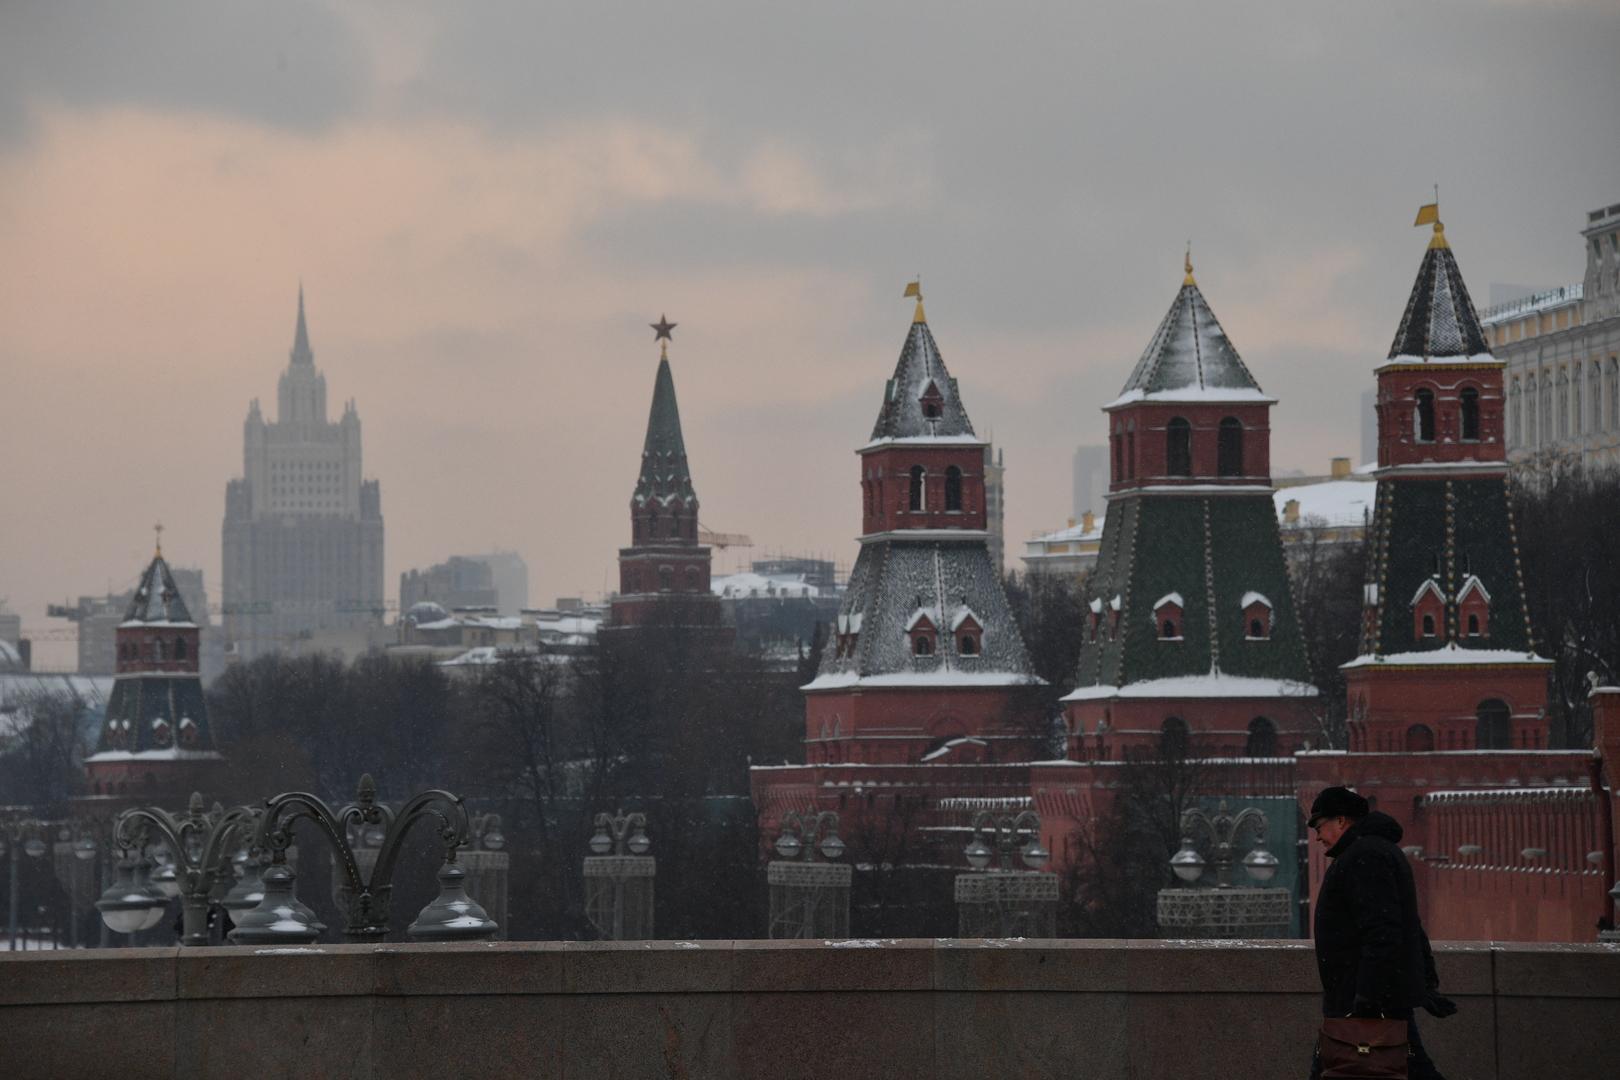 الكرملين: الناتو بأعماله العدوانية يدفع روسيا لتكثيف نشاطها لحماية نفسها